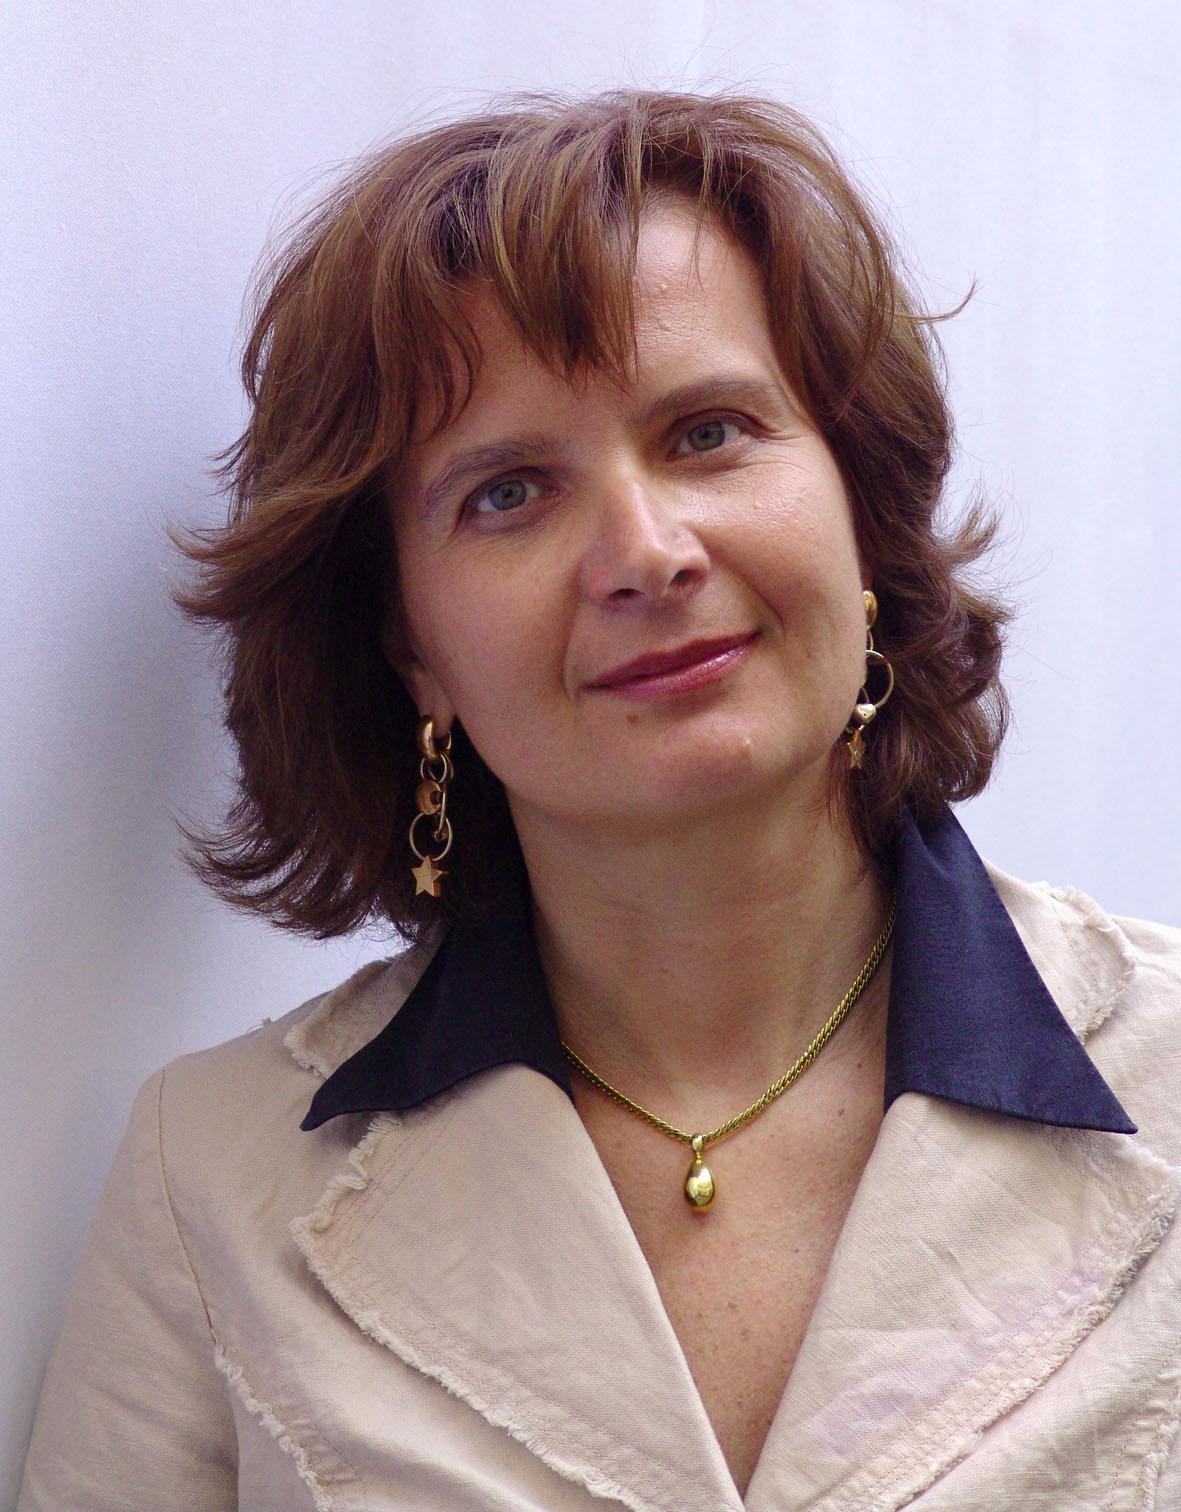 Laura Schiatti entra in ales groupe